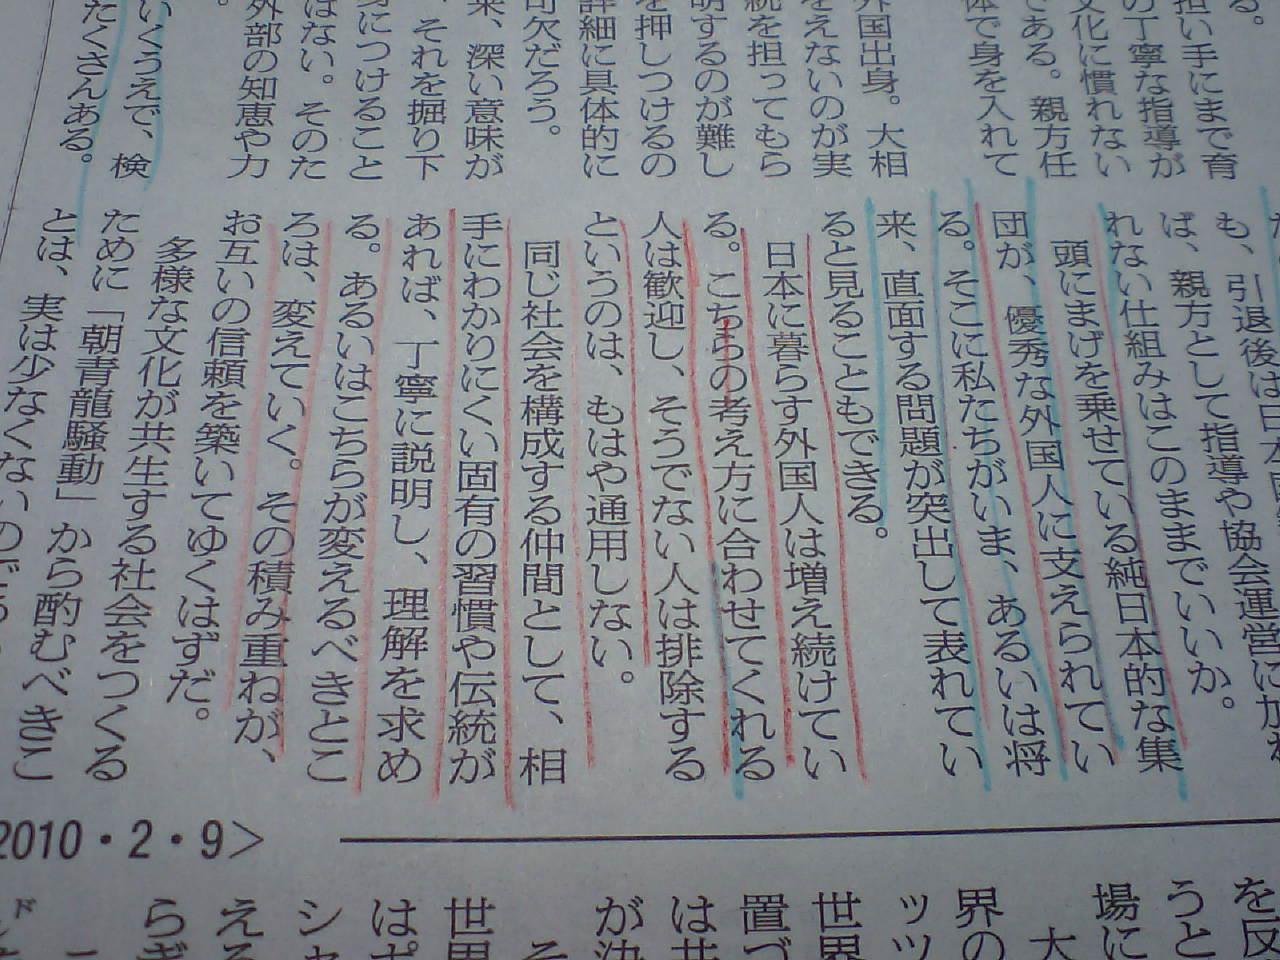 朝日新聞9日付の社説 優秀な外国人に支えられている_d0027795_23205422.jpg